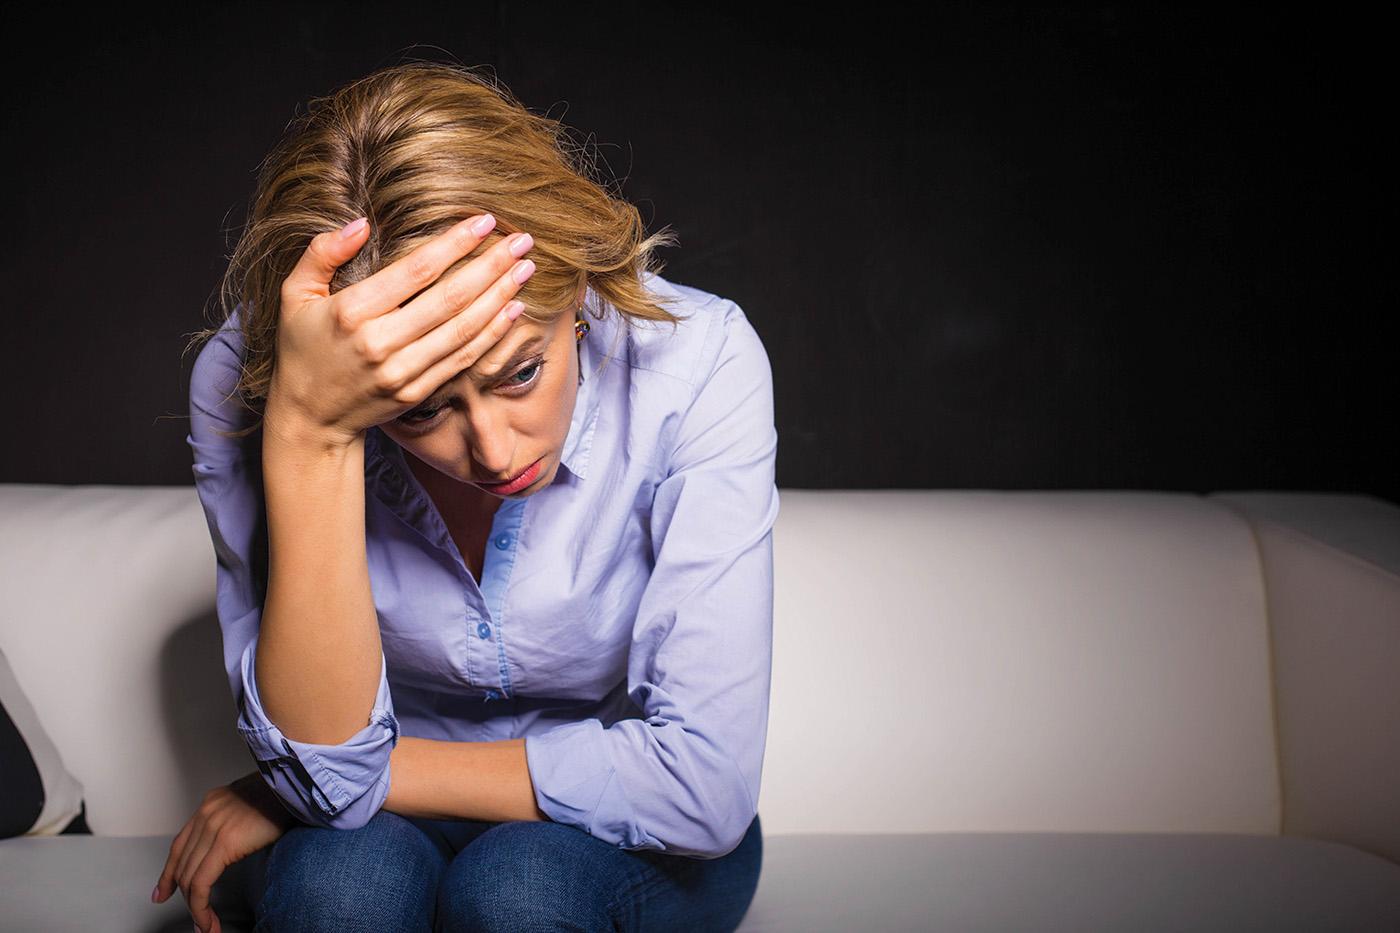 Болезнь способна серьезно снижать качество жизни